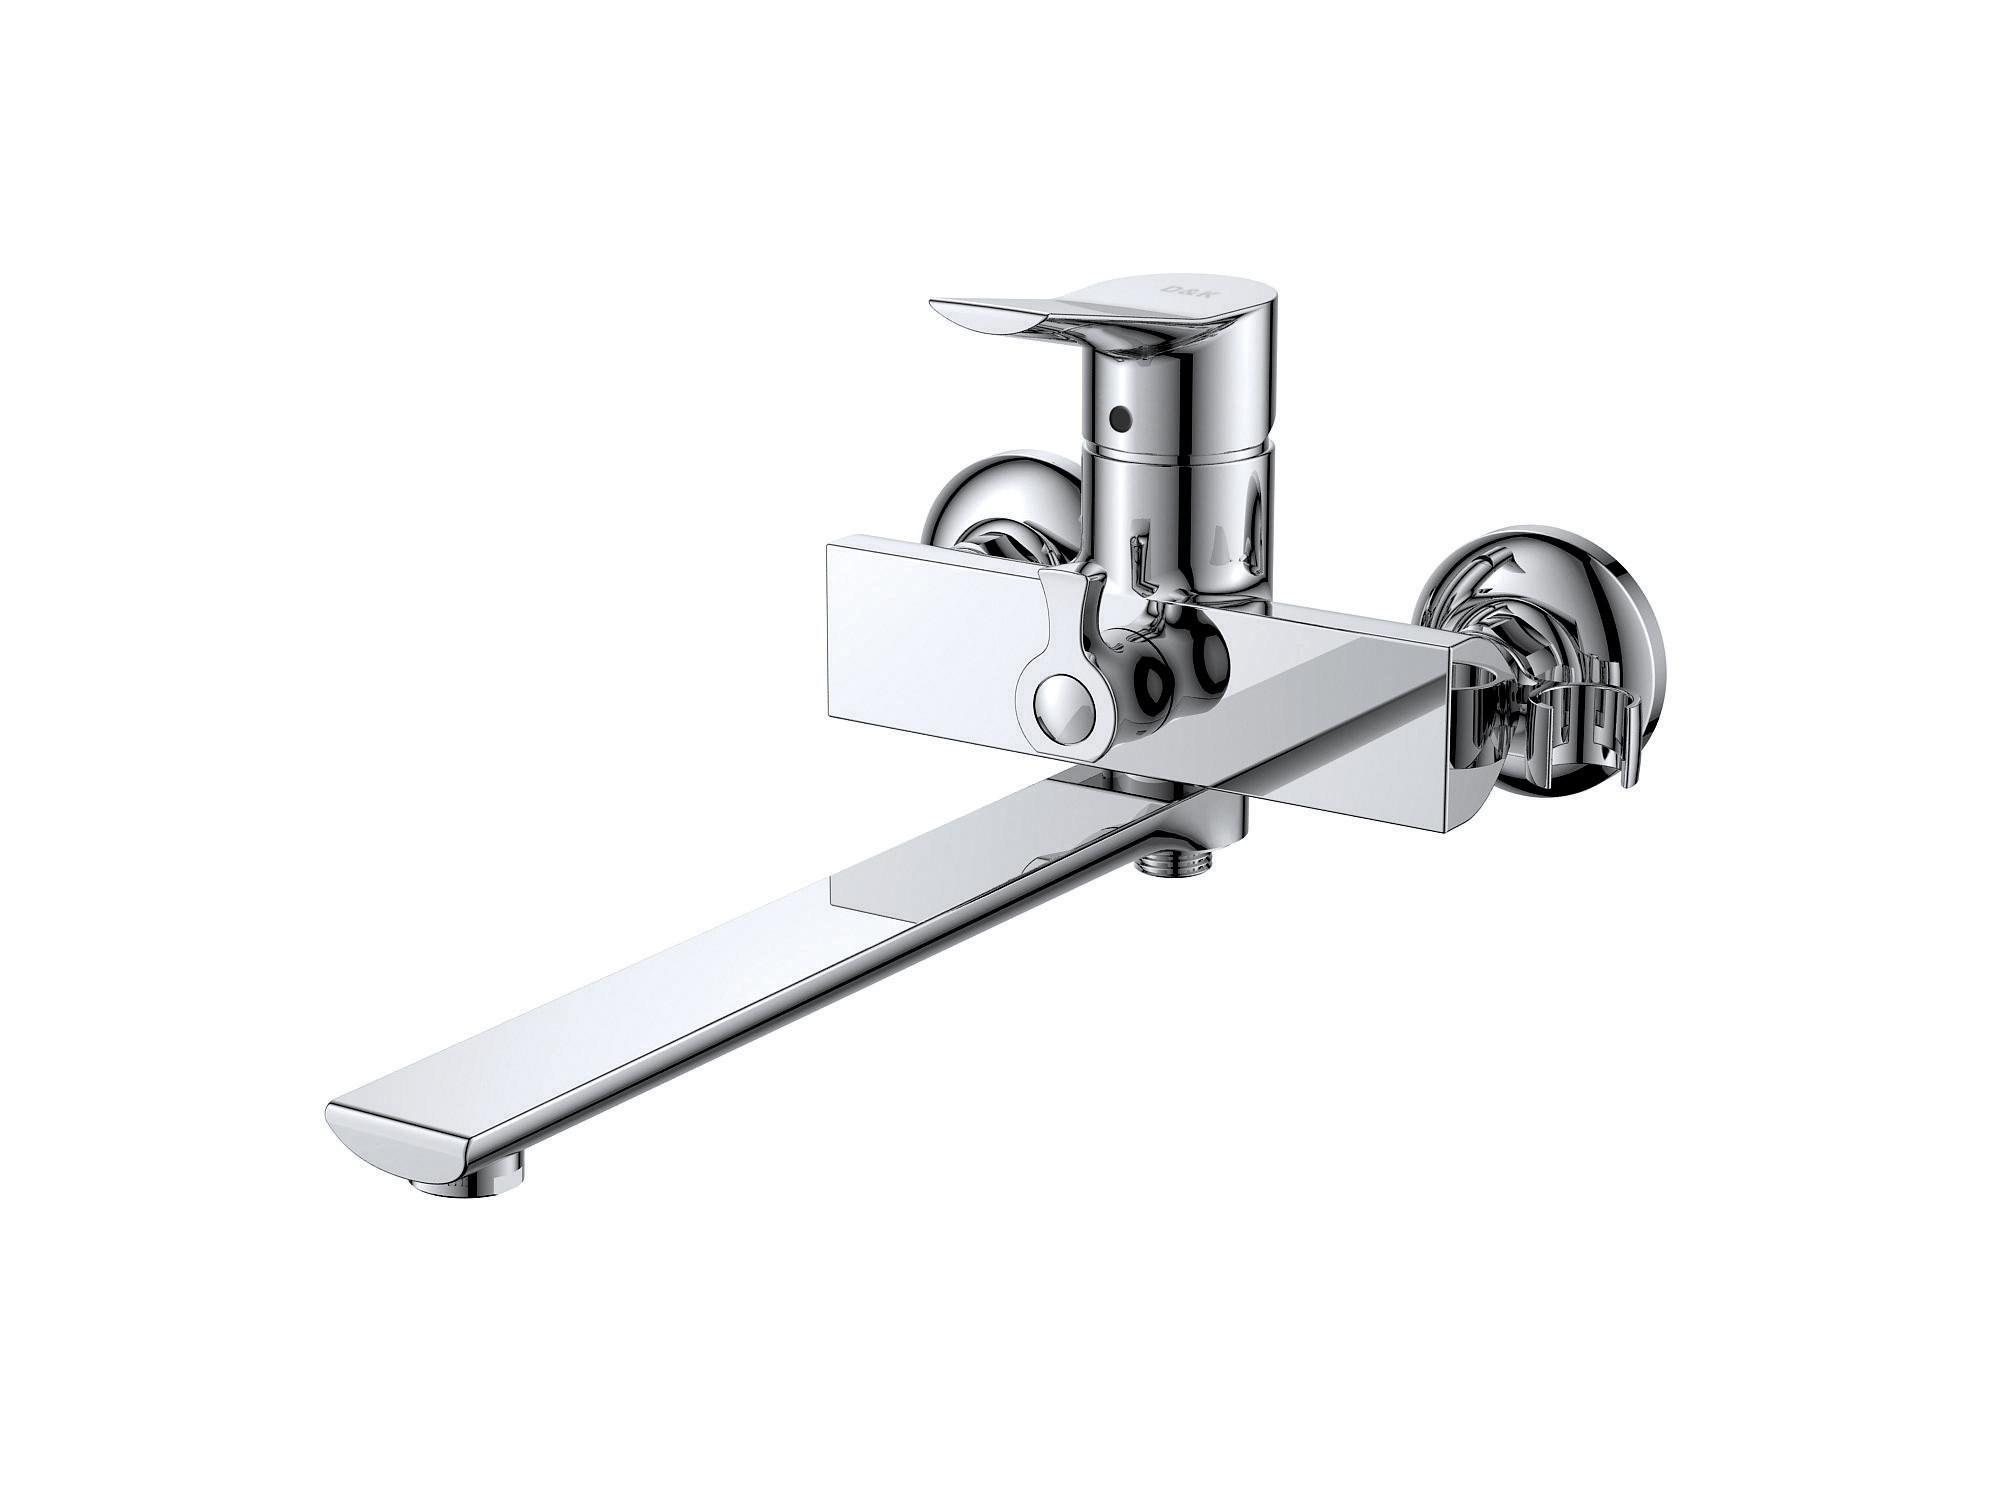 Смеситель для ванны с душем D&K Rhein.Mosel DA1263301 длинный излив хром